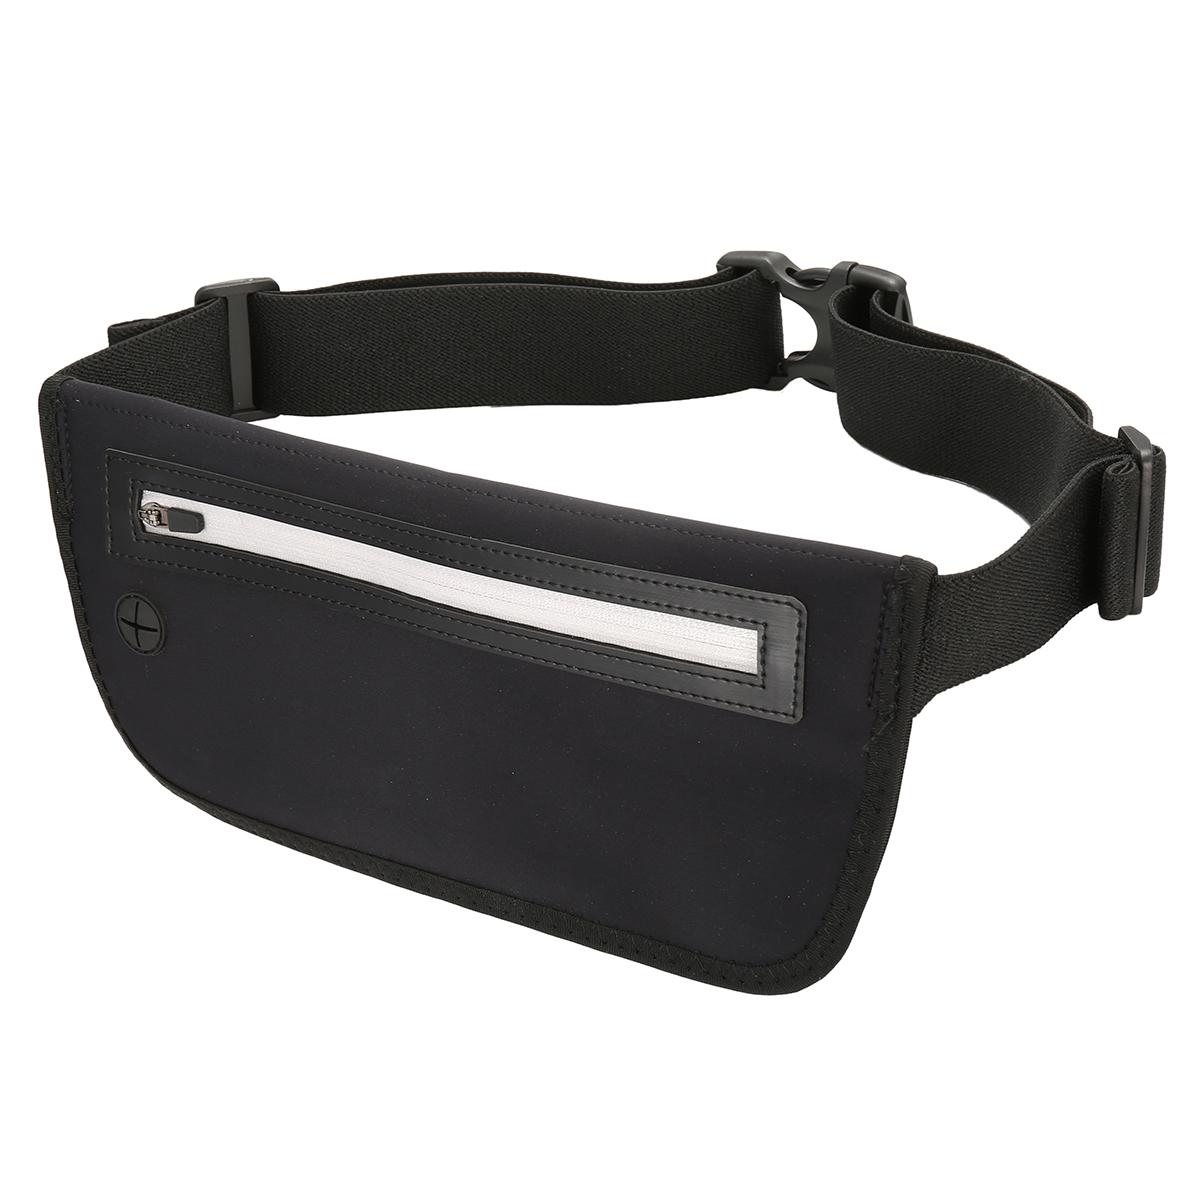 3e9212188f59 Outdoor Waterproof Bum Fitness Running Waist Belt Pouch Bag